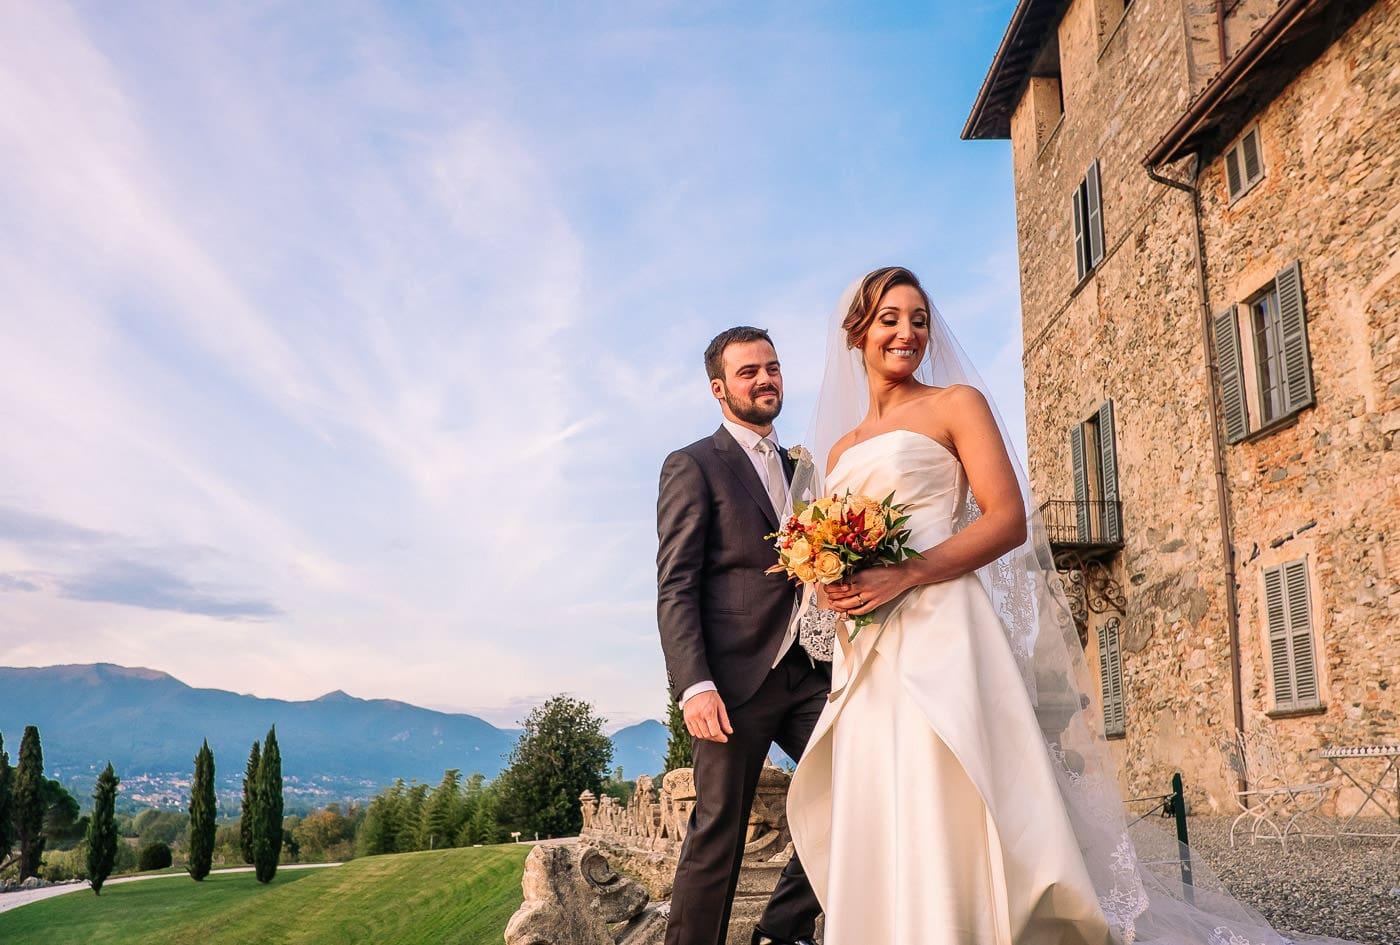 coppia di sposi scale matrimonio castello durini